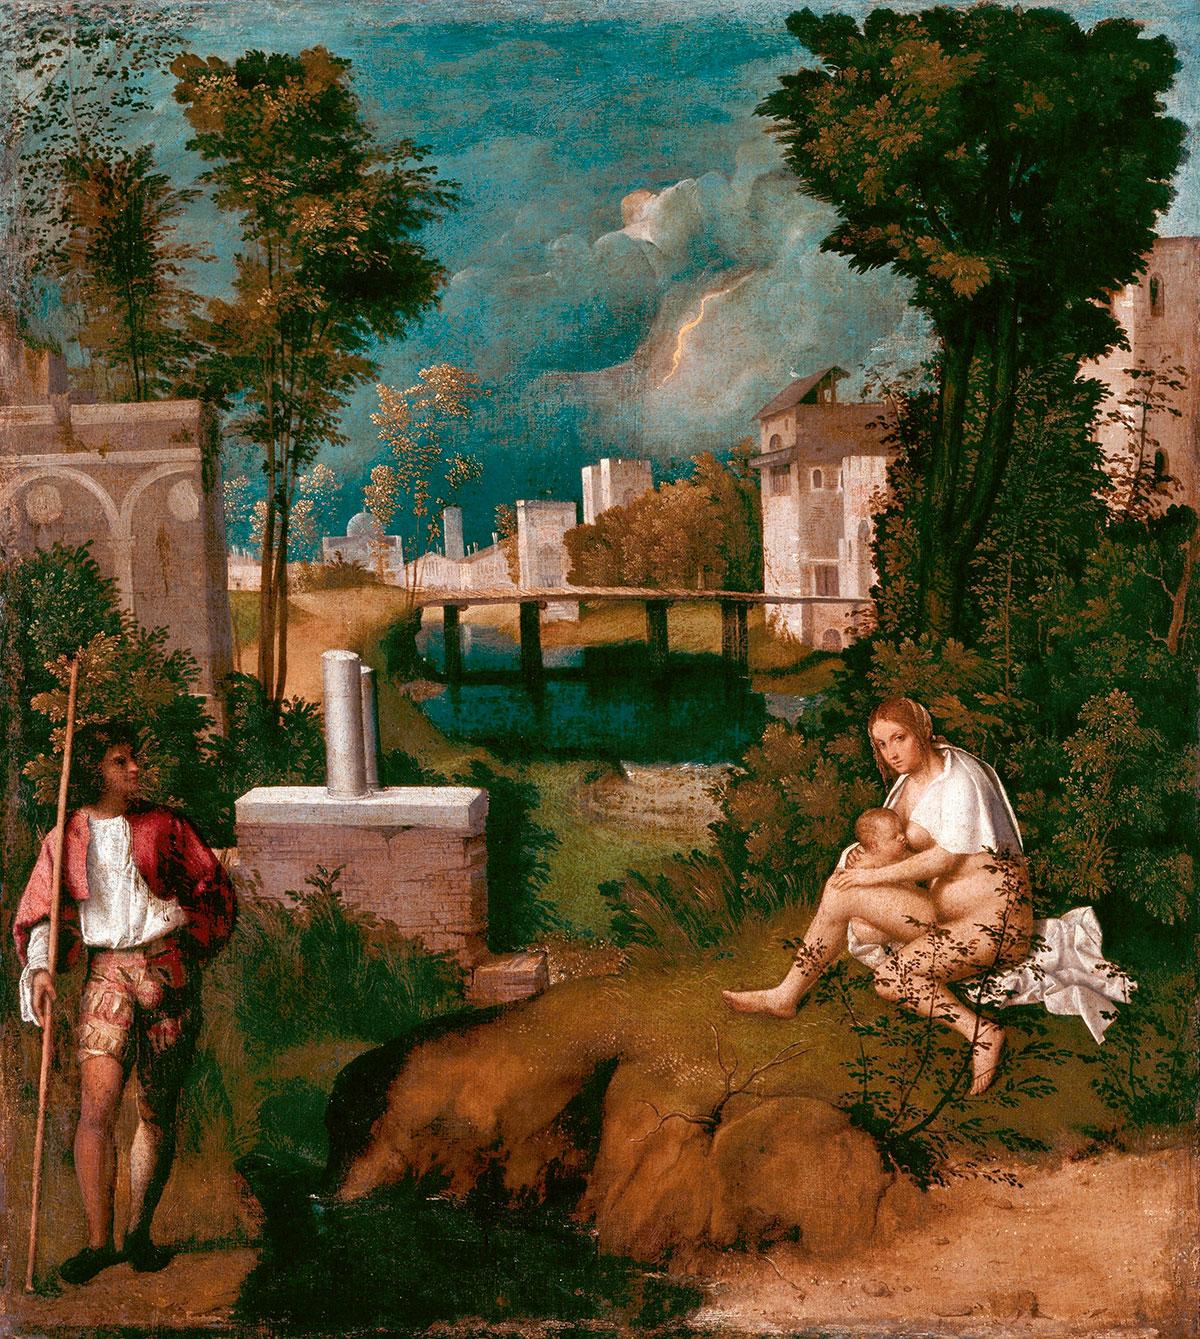 The tempest /La tempesta/ + Giorgione *magnifico